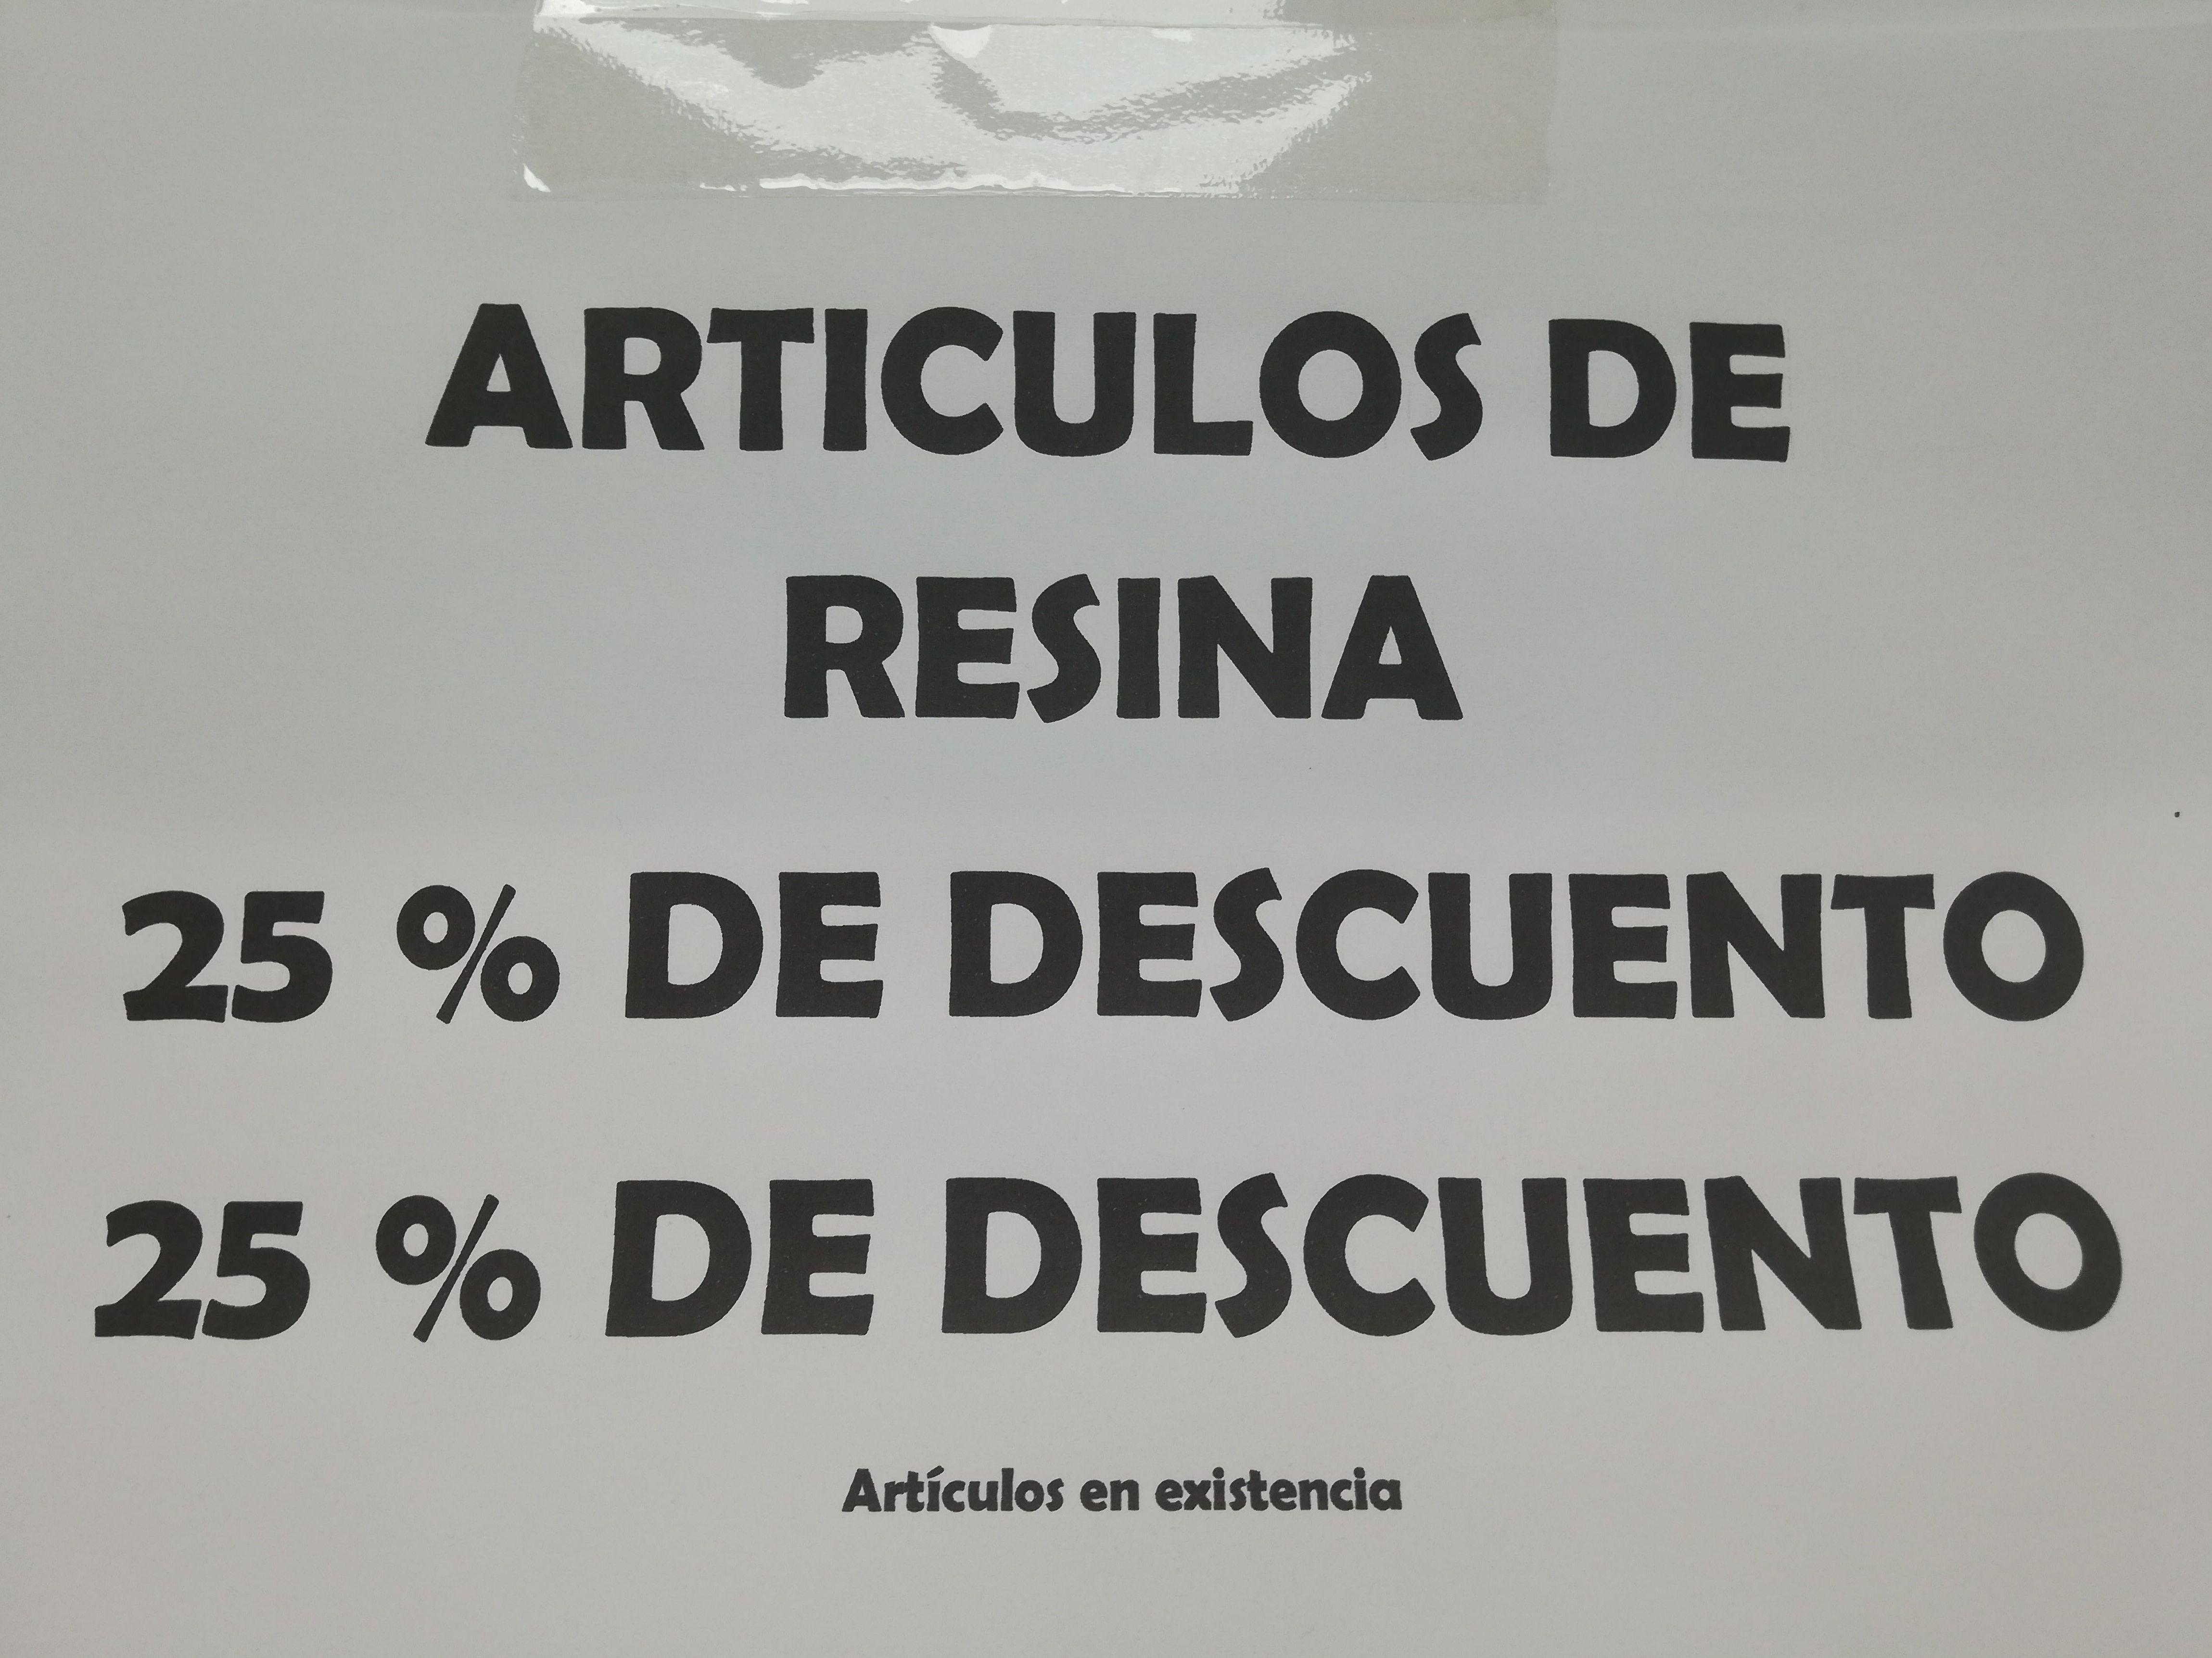 Articulos de resina: Catálogo de Mercería y Manualidades Ángel y Feli